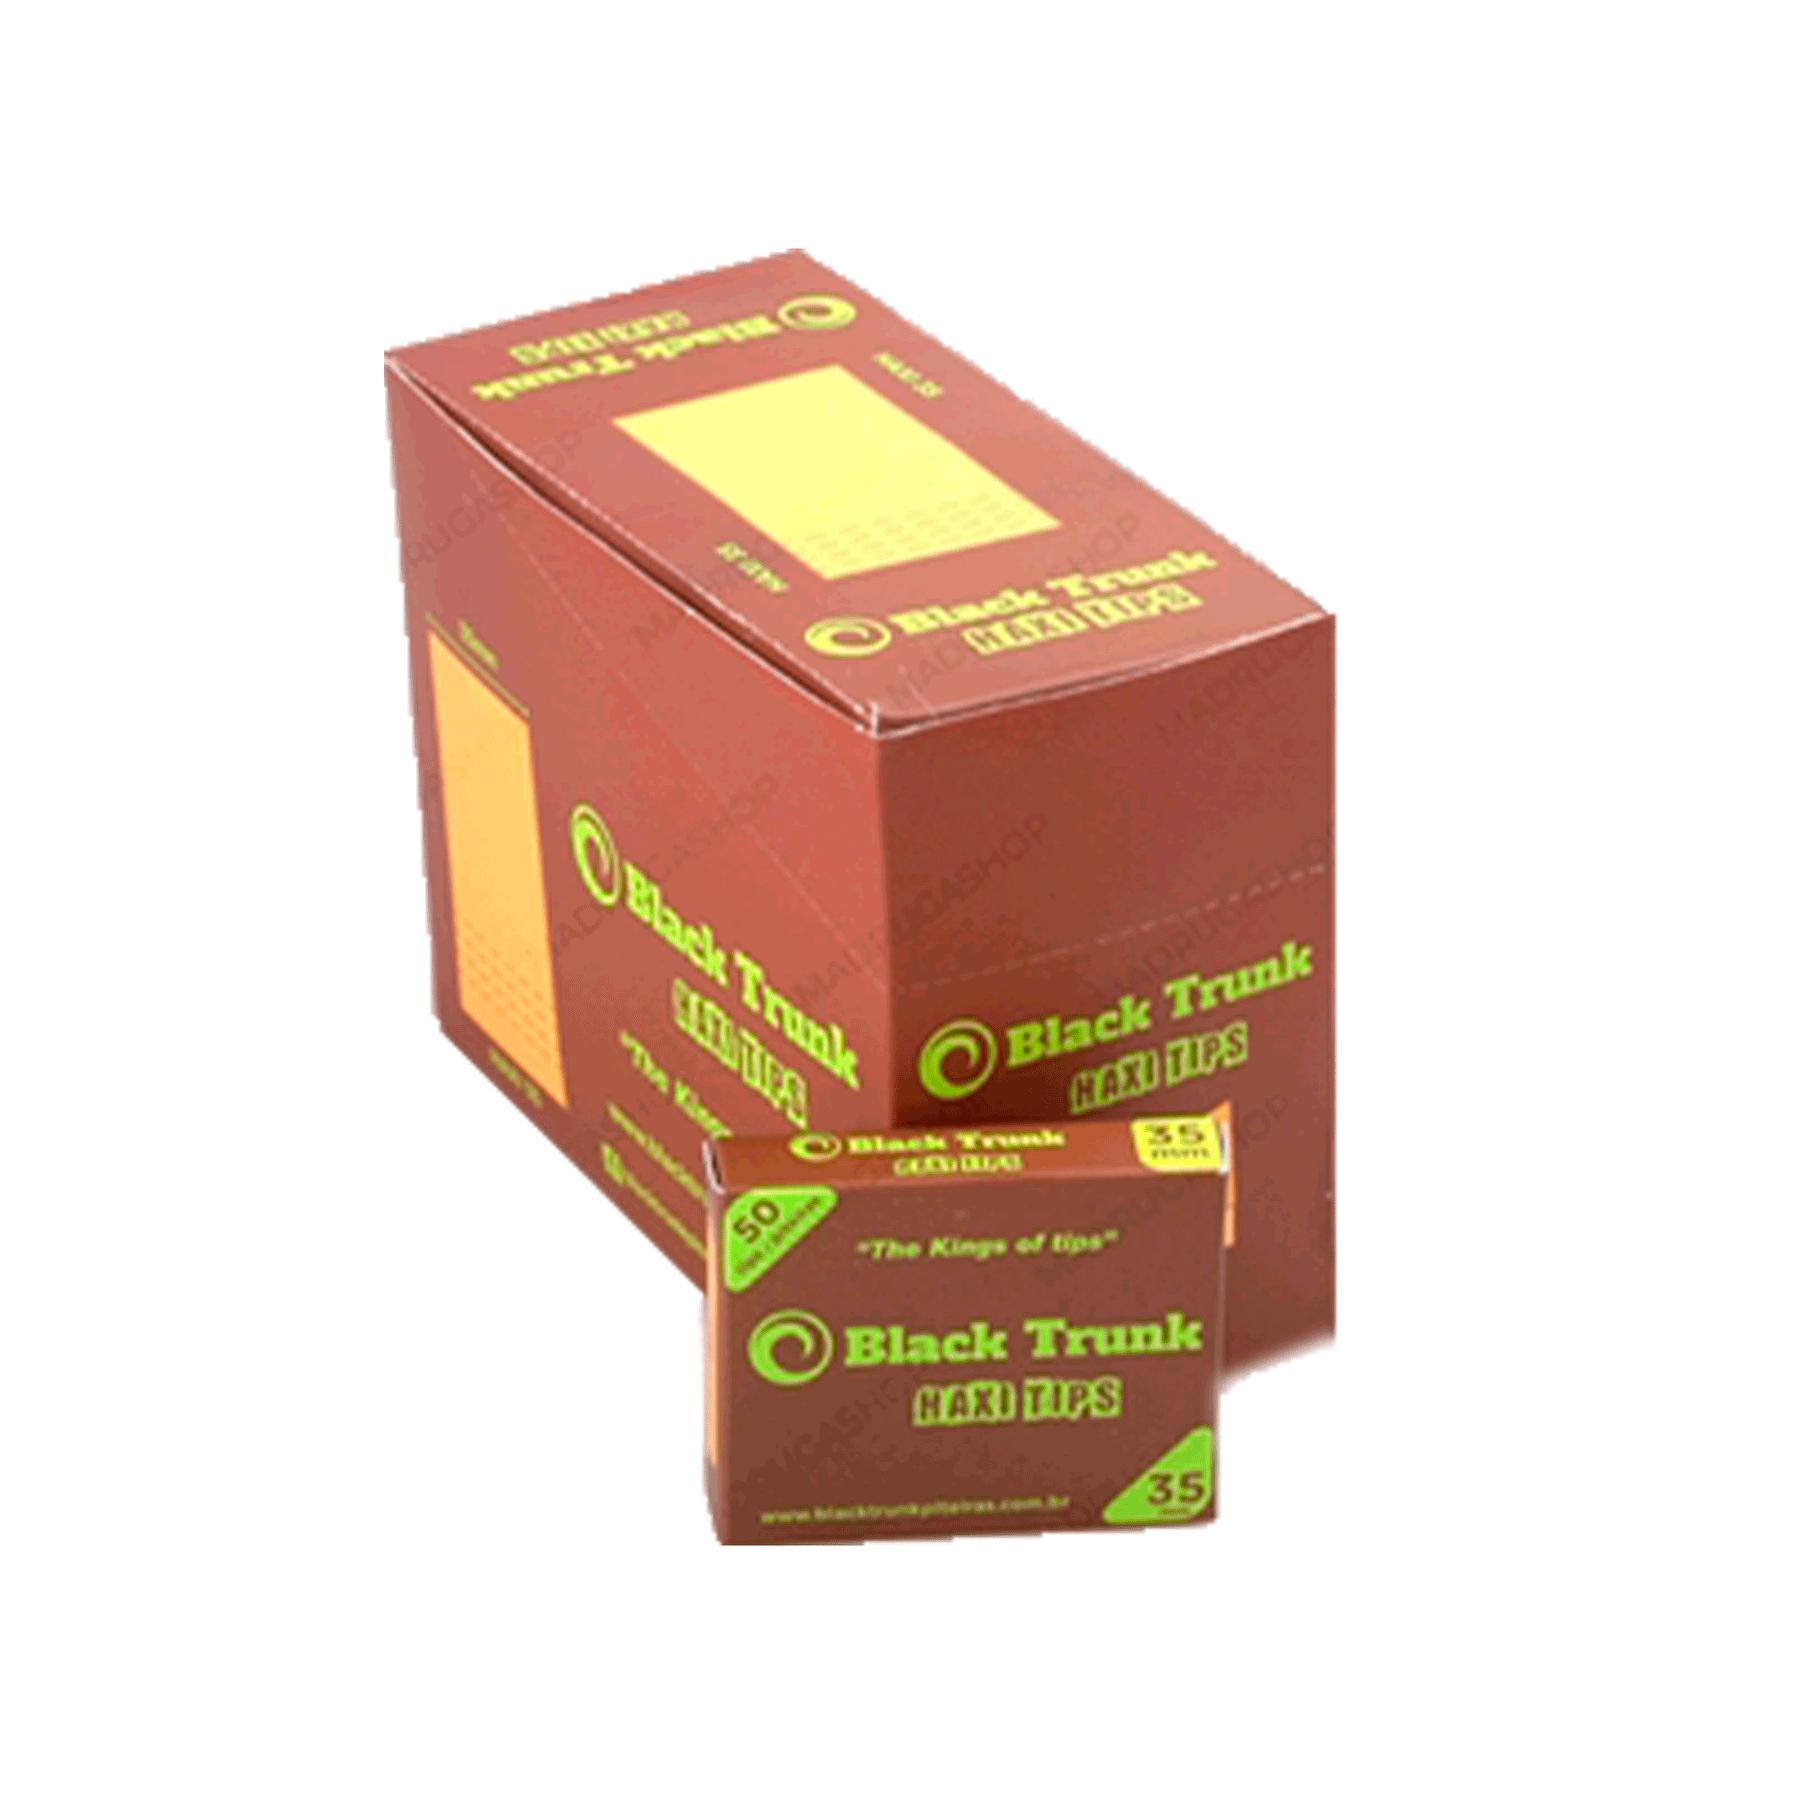 PITEIRA PAPEL BLACK TRUNK HAXI 35MM (UN.)